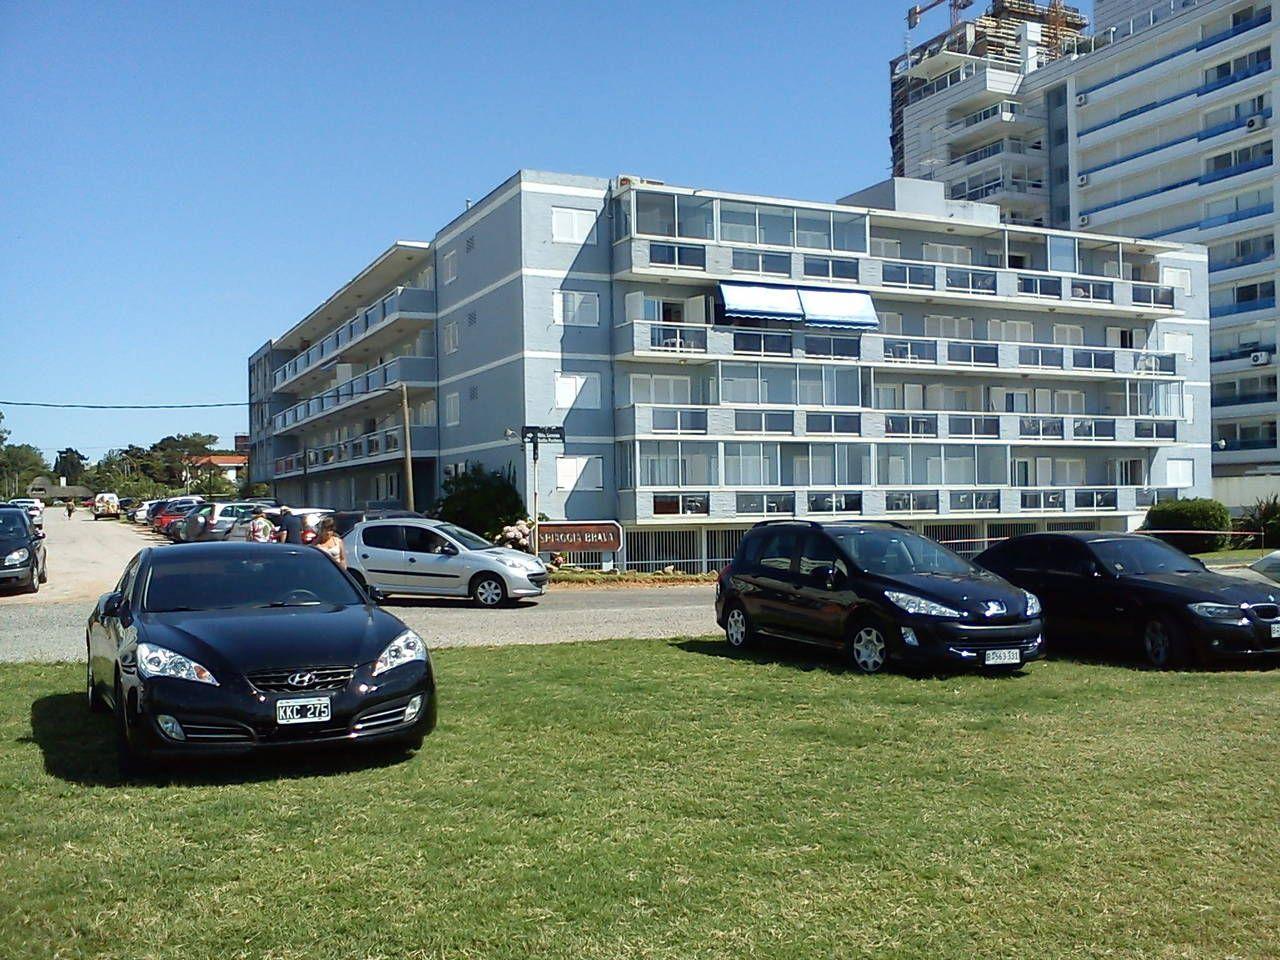 Punta del leste uruguay building barretto multi